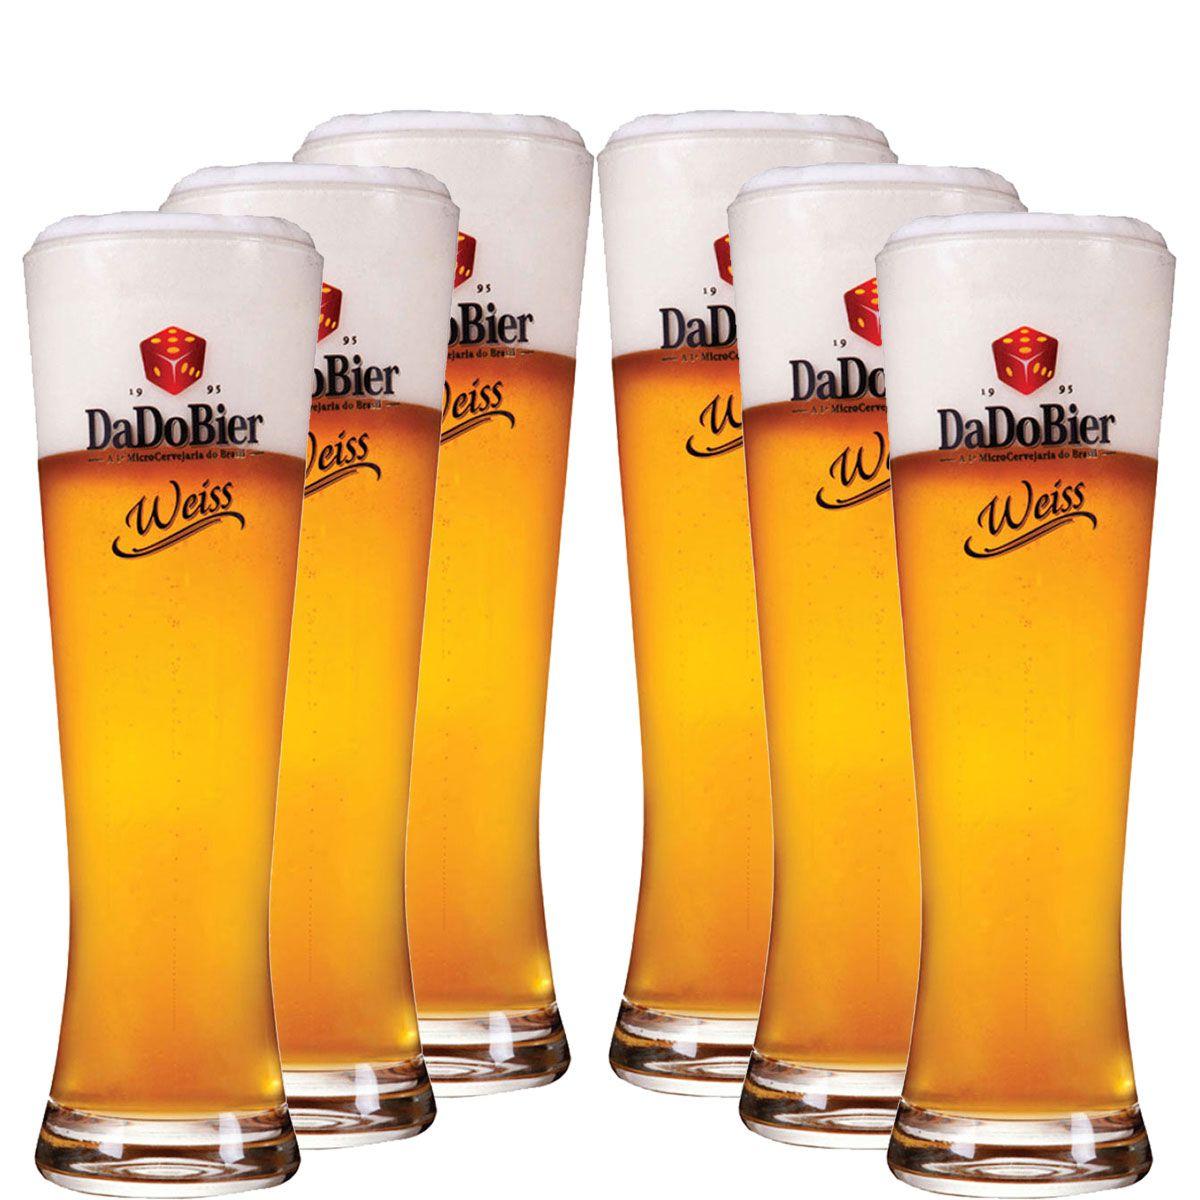 Copos De Cerveja - Dado Bier Weiss 720ml c/ 6 Pcs